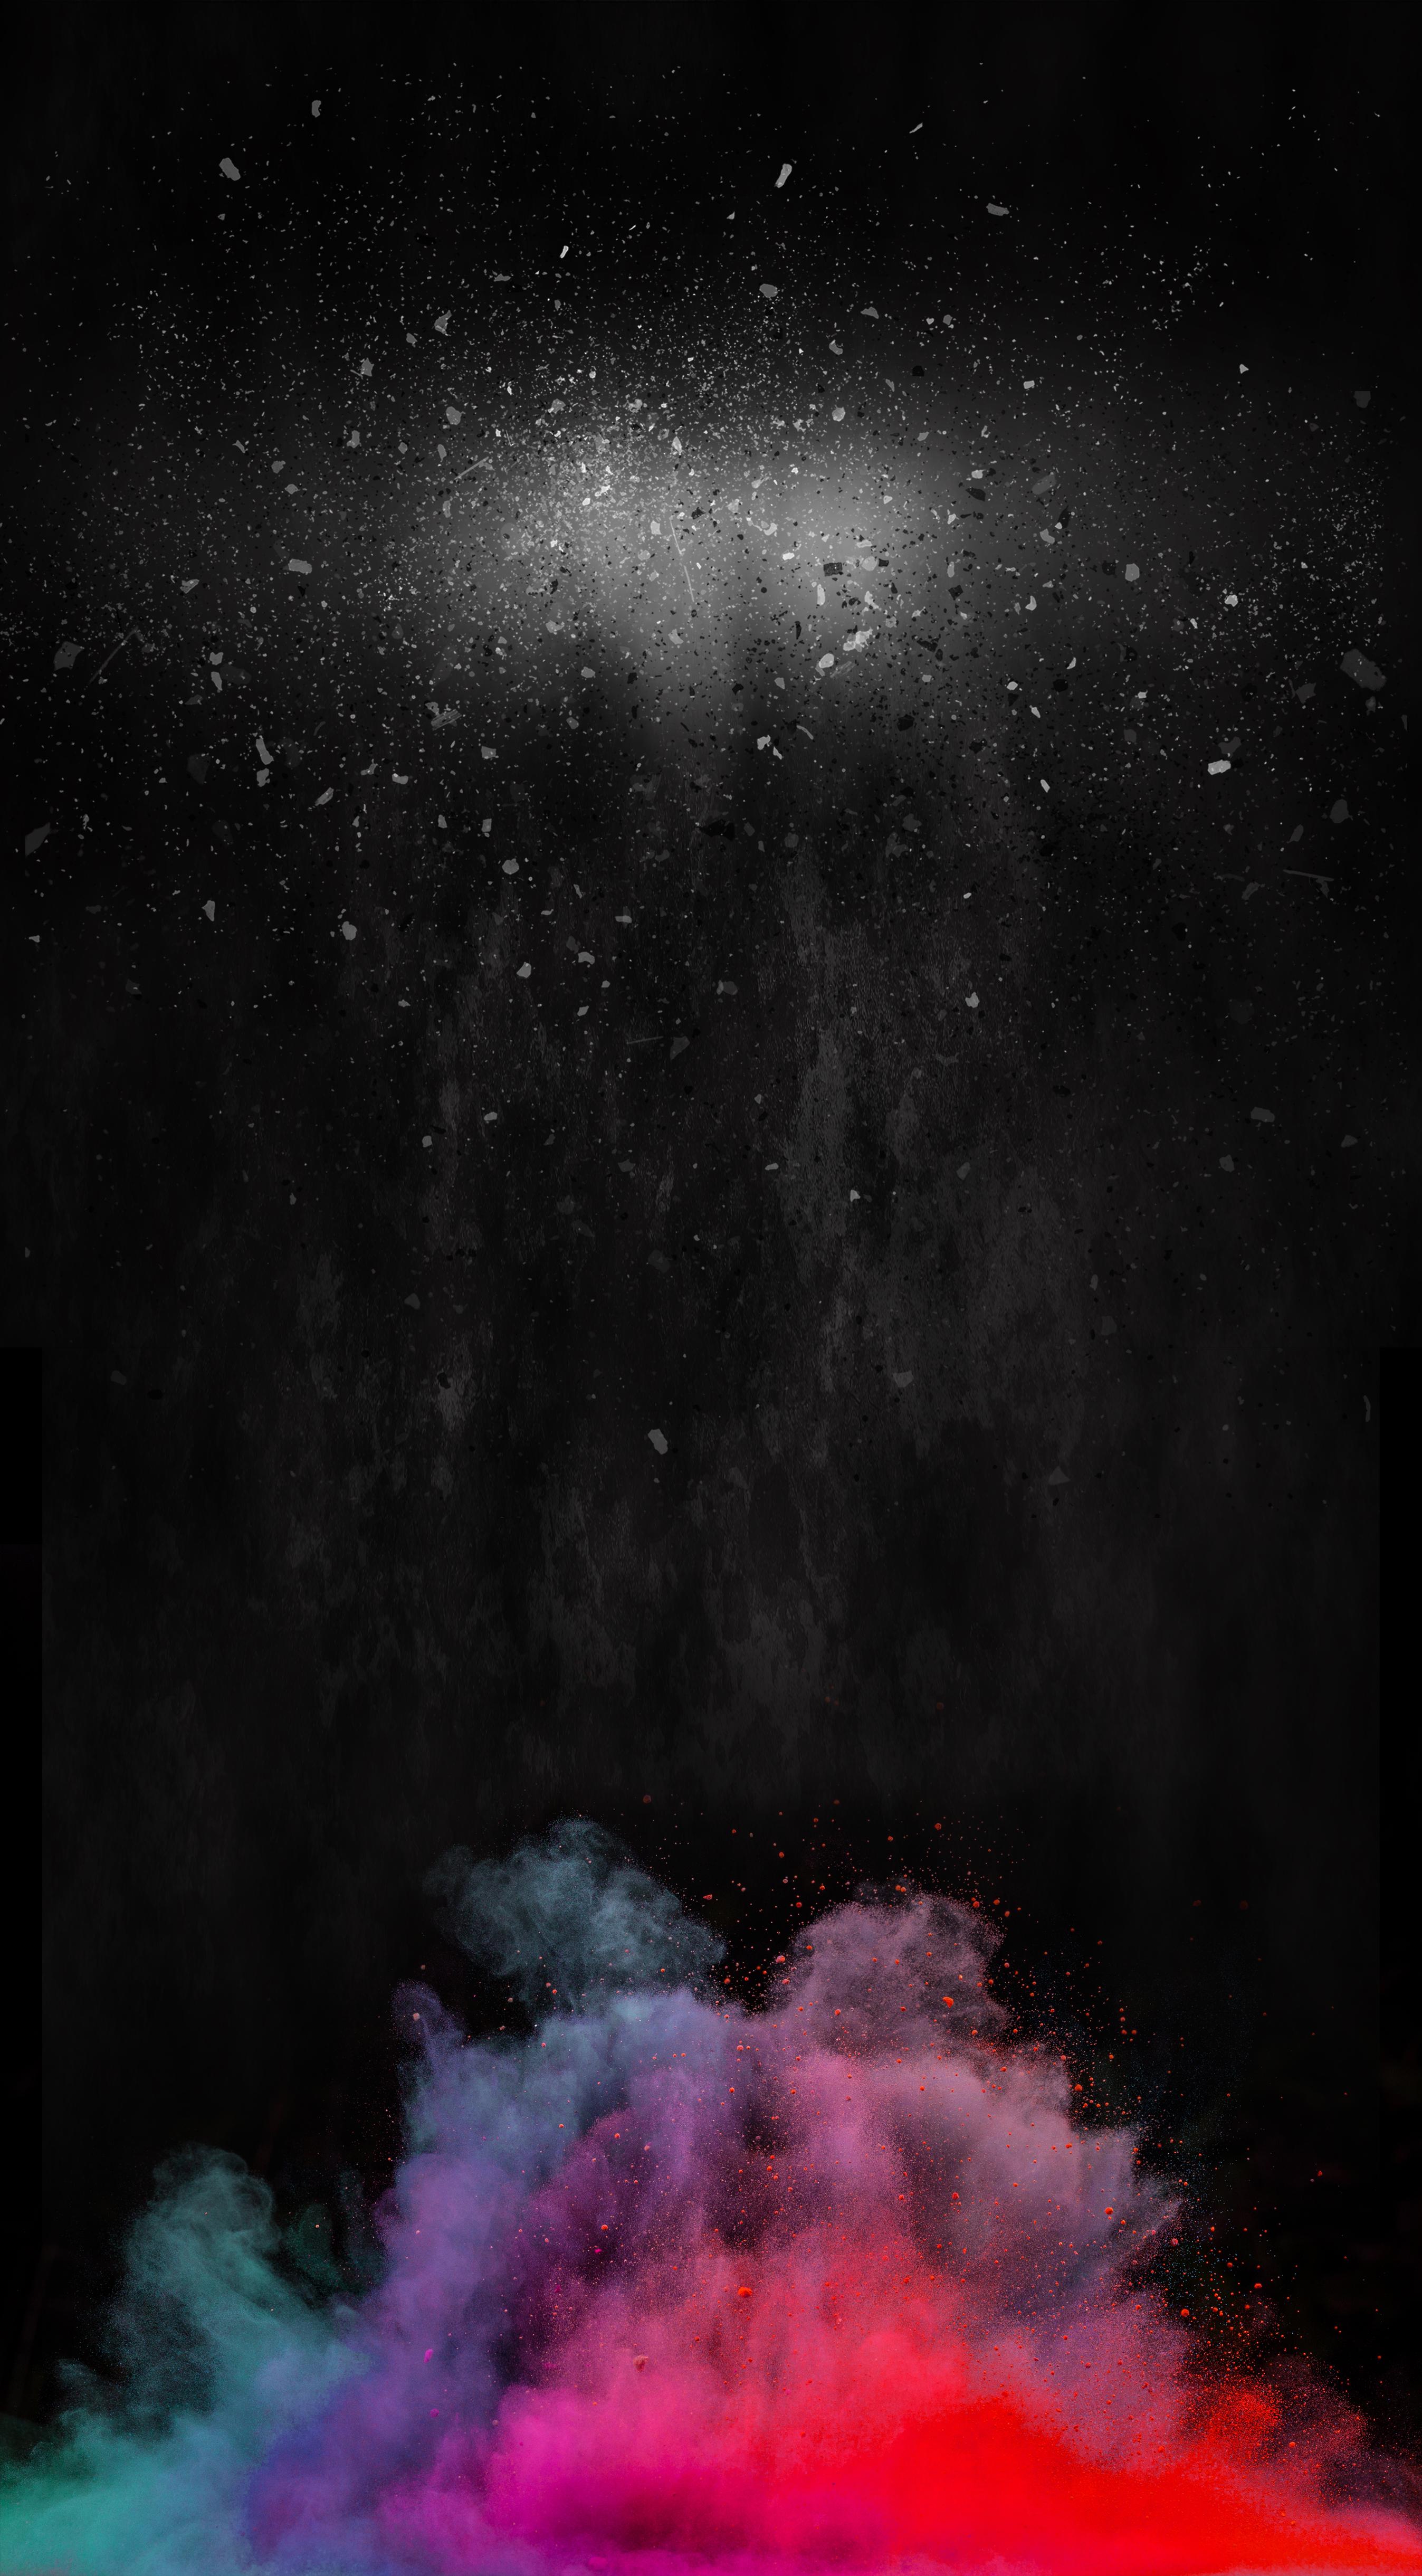 black texture background poster  splash  of  color